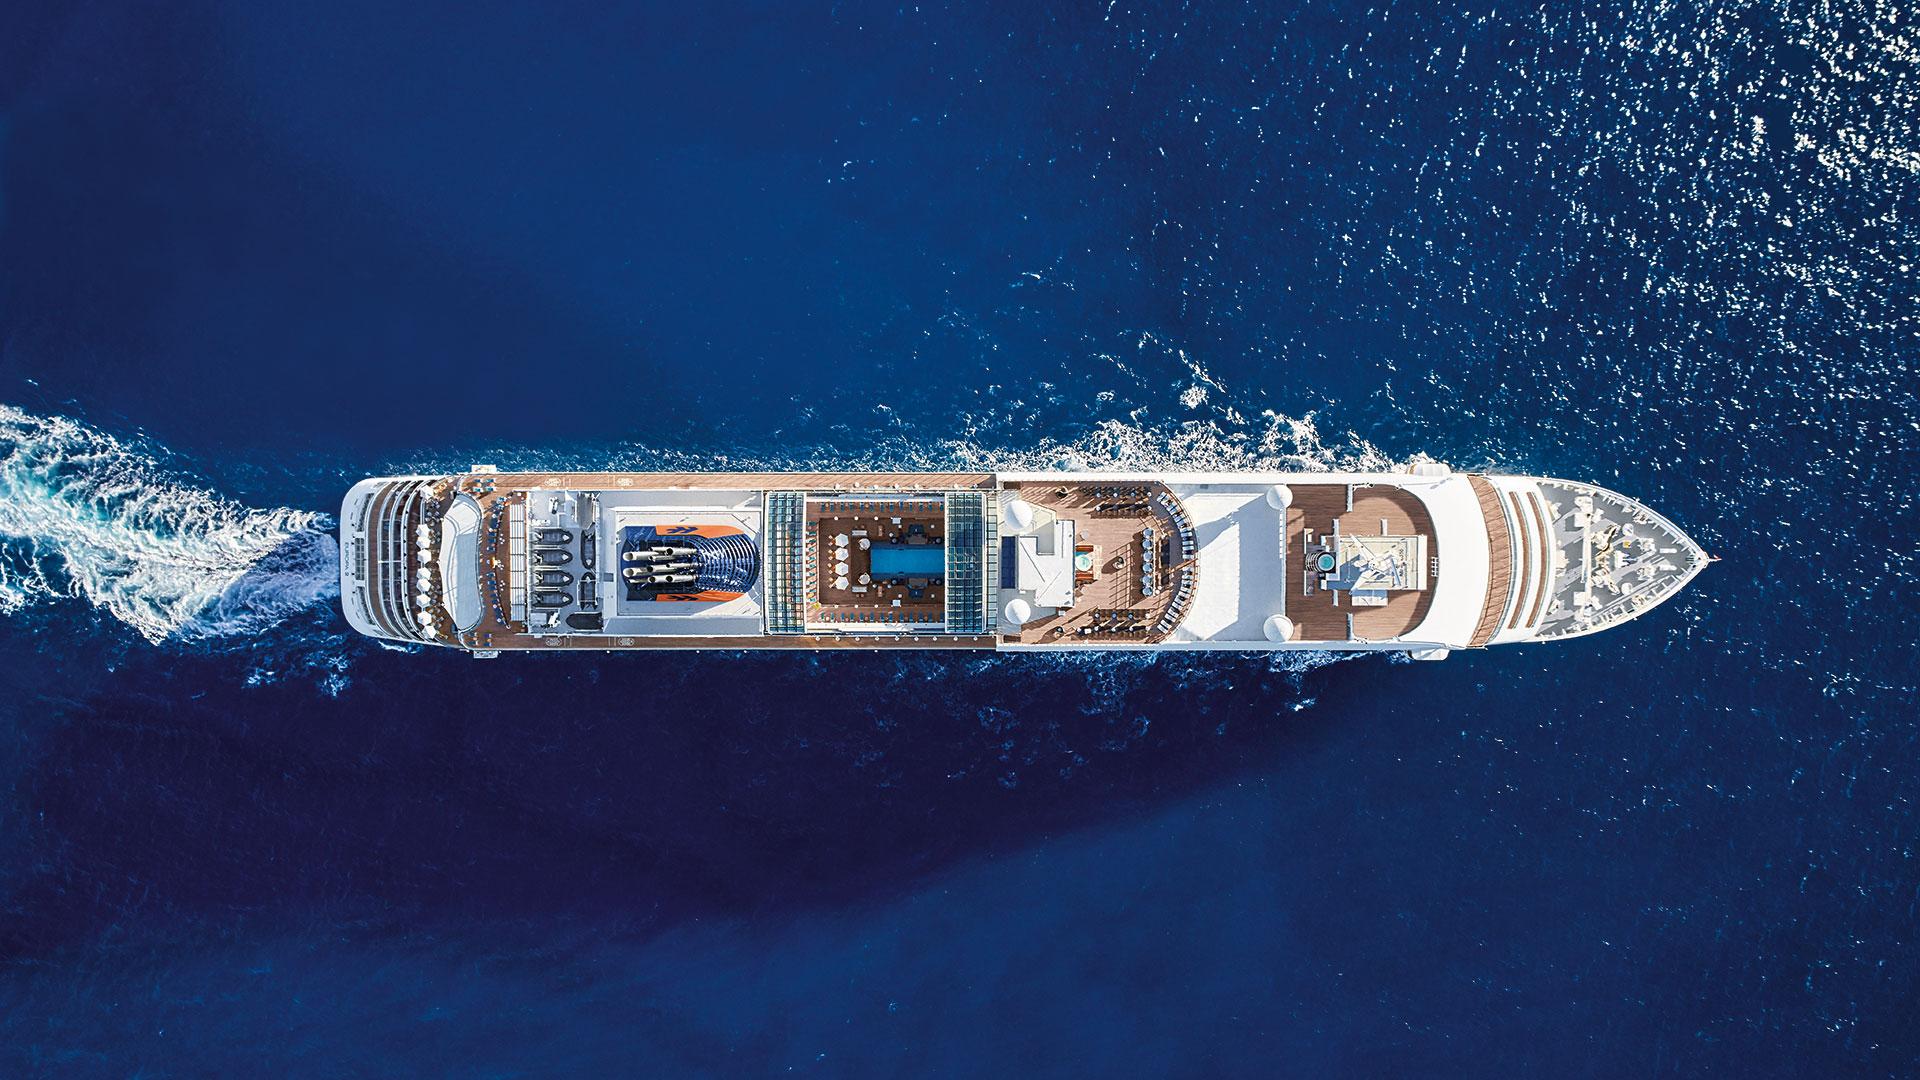 MS Europa 2. Luxusreisen